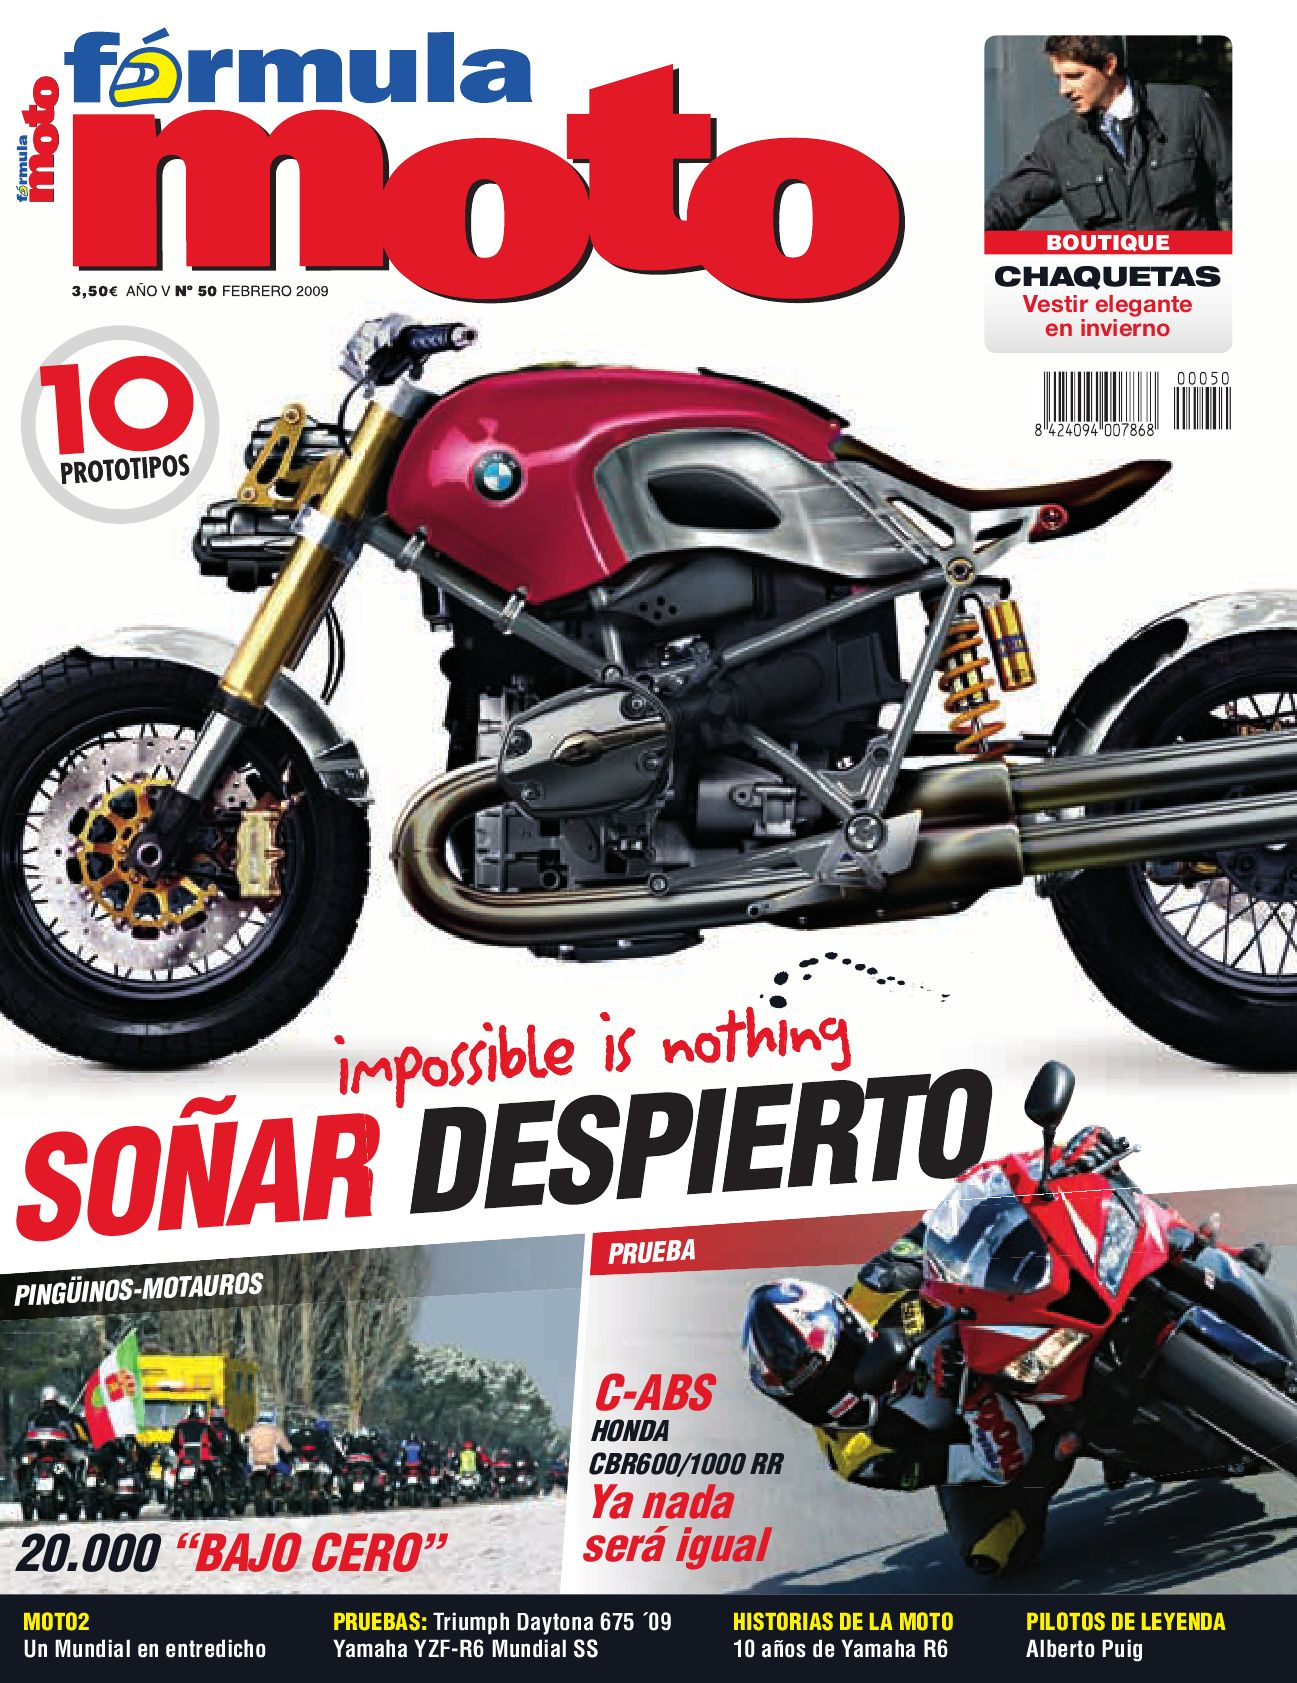 Mo bmw motos nº 43 Edición especial f 700 GS R 1200 GS egli-K 1100